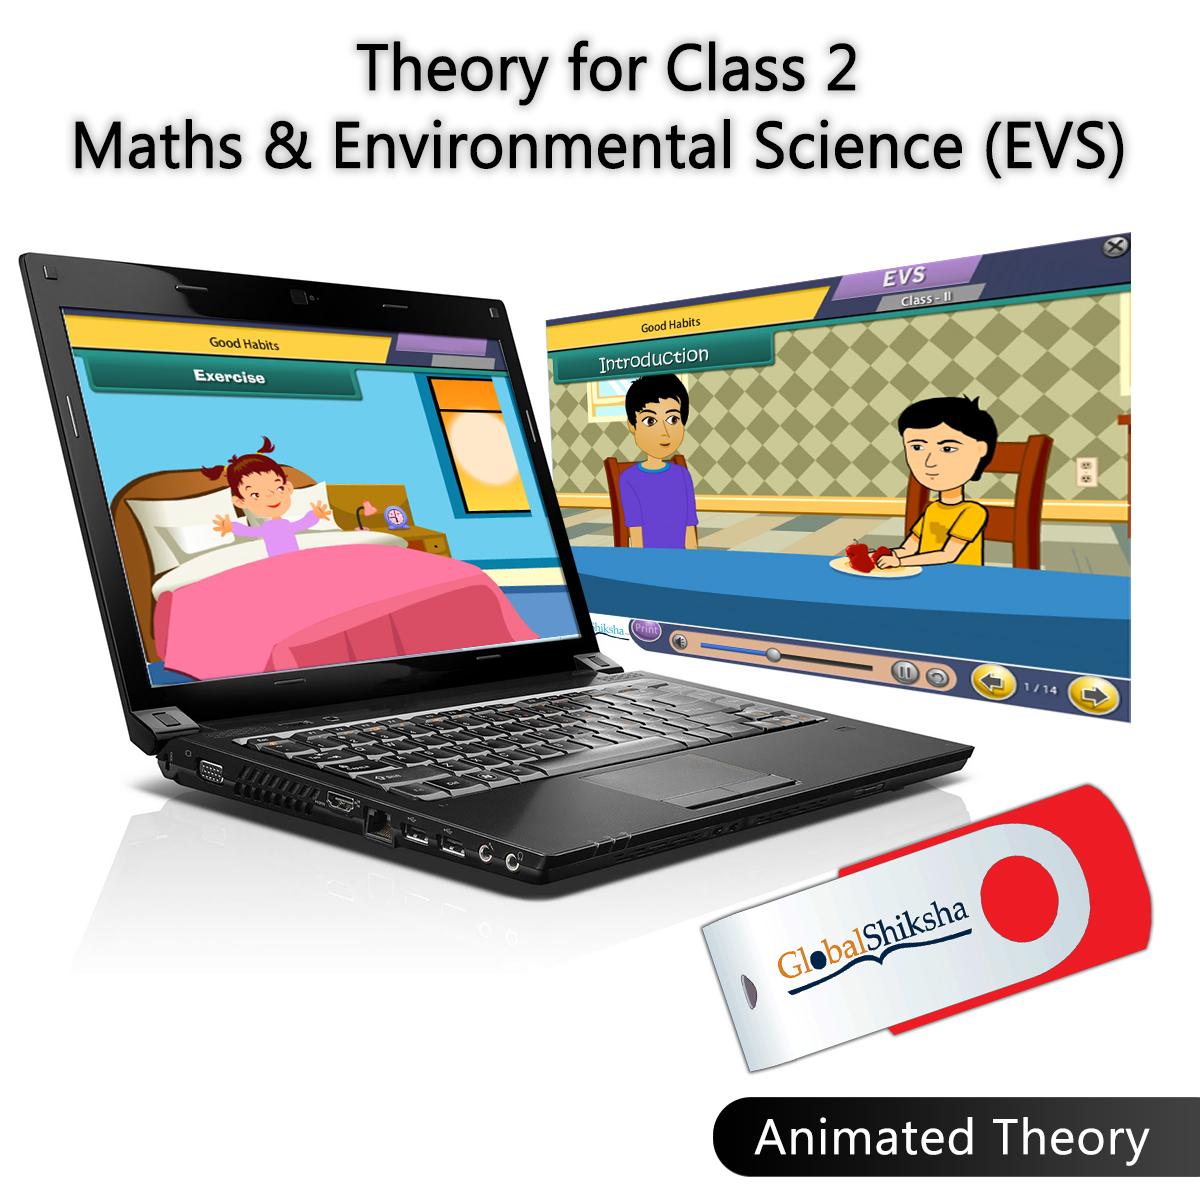 Globalshiksha CBSE 2 Maths & EVS (Online Course)